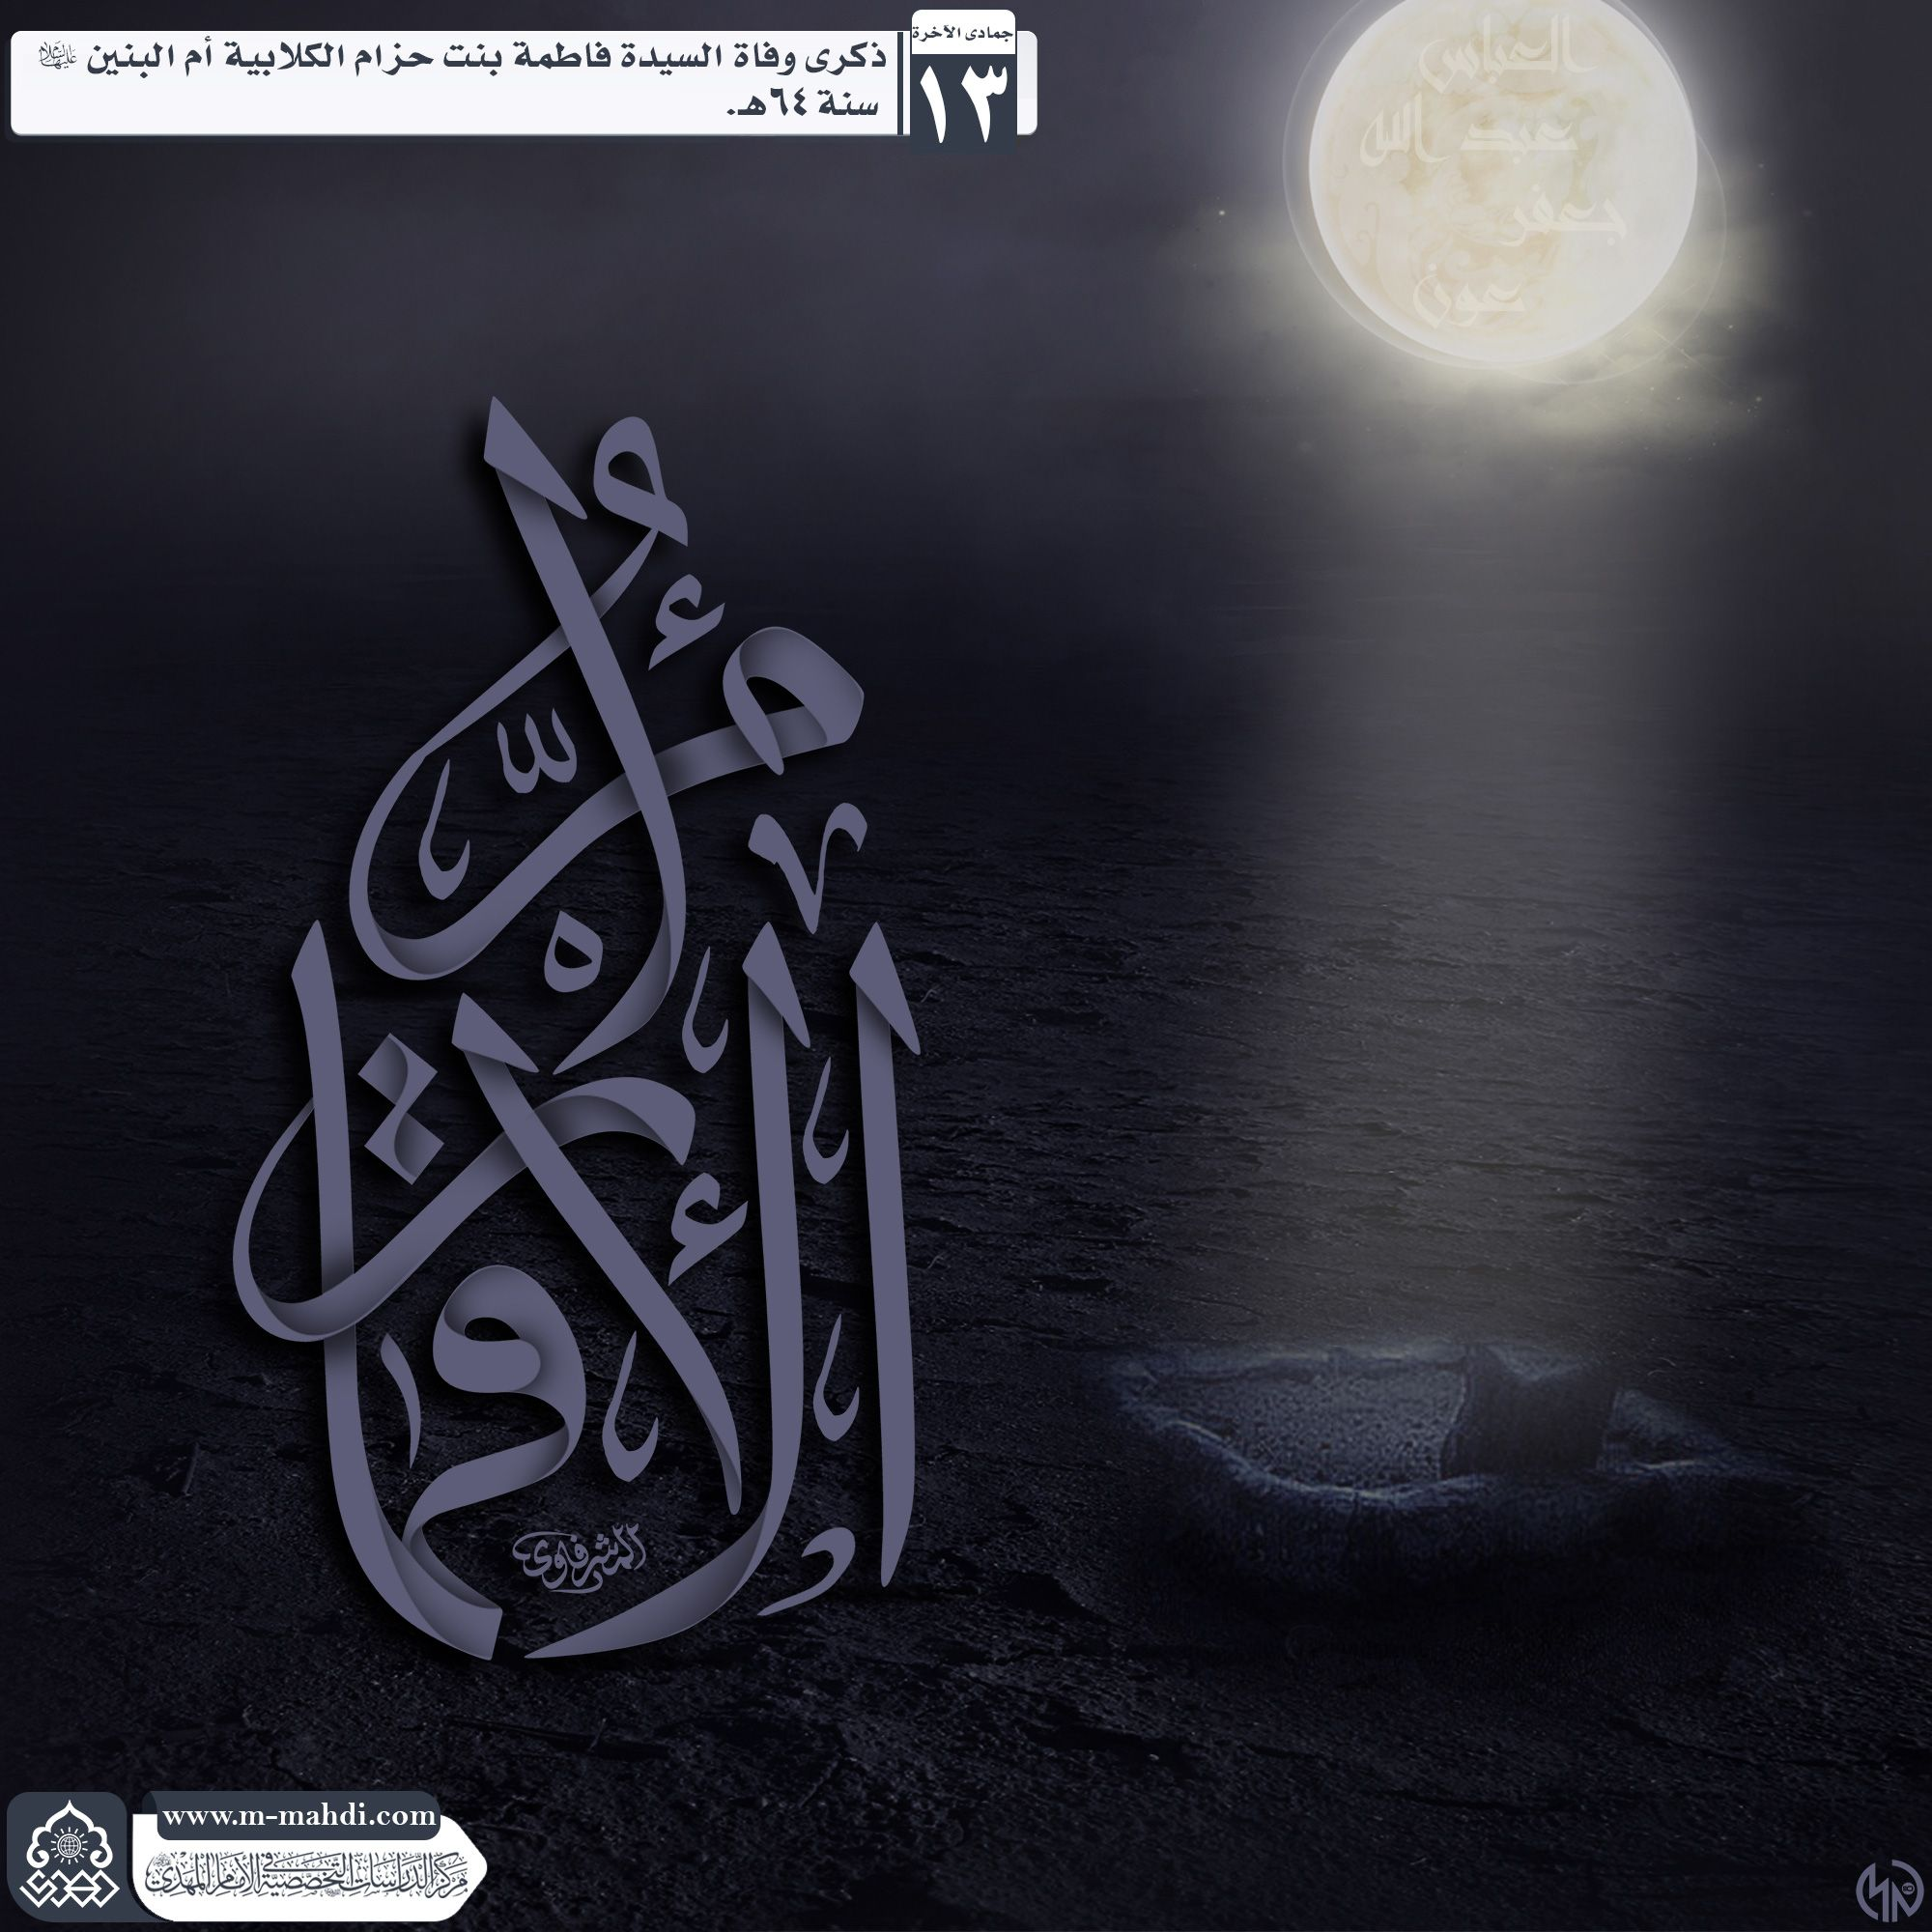 ذكرى وفاة فاطمة بنت حزام الكلابية أم البنين عليها السلام Arabic Calligraphy Cooking Recipes Calligraphy